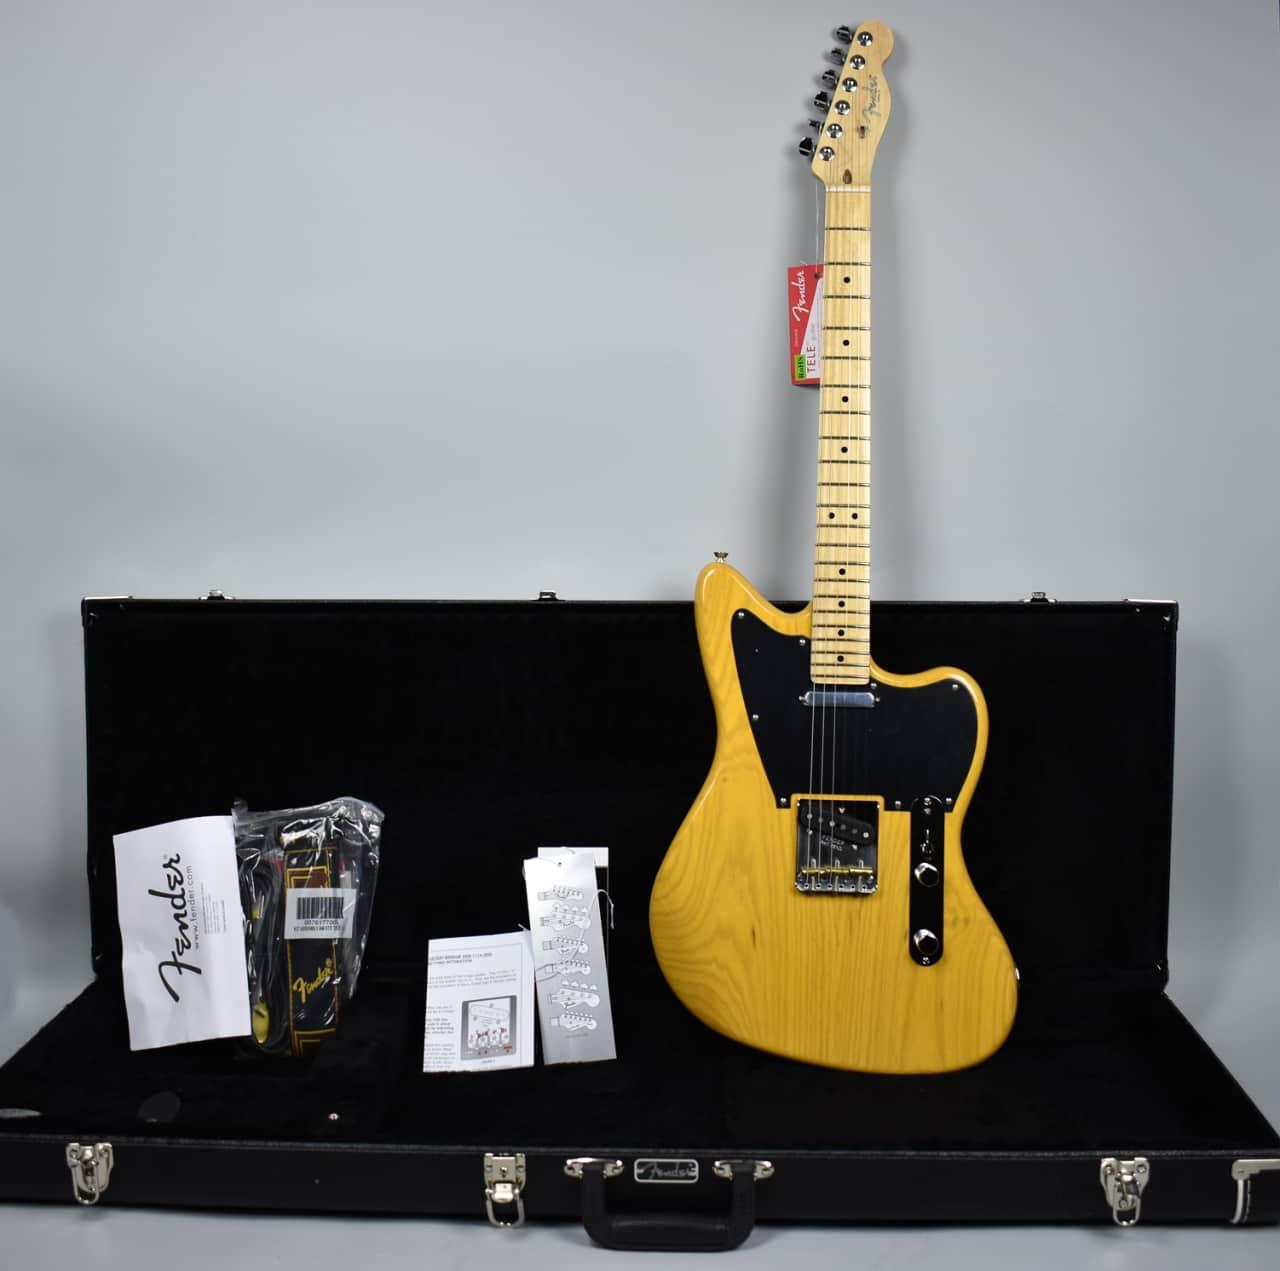 fender limited edition butterscotch blonde offset telecaster reverb. Black Bedroom Furniture Sets. Home Design Ideas